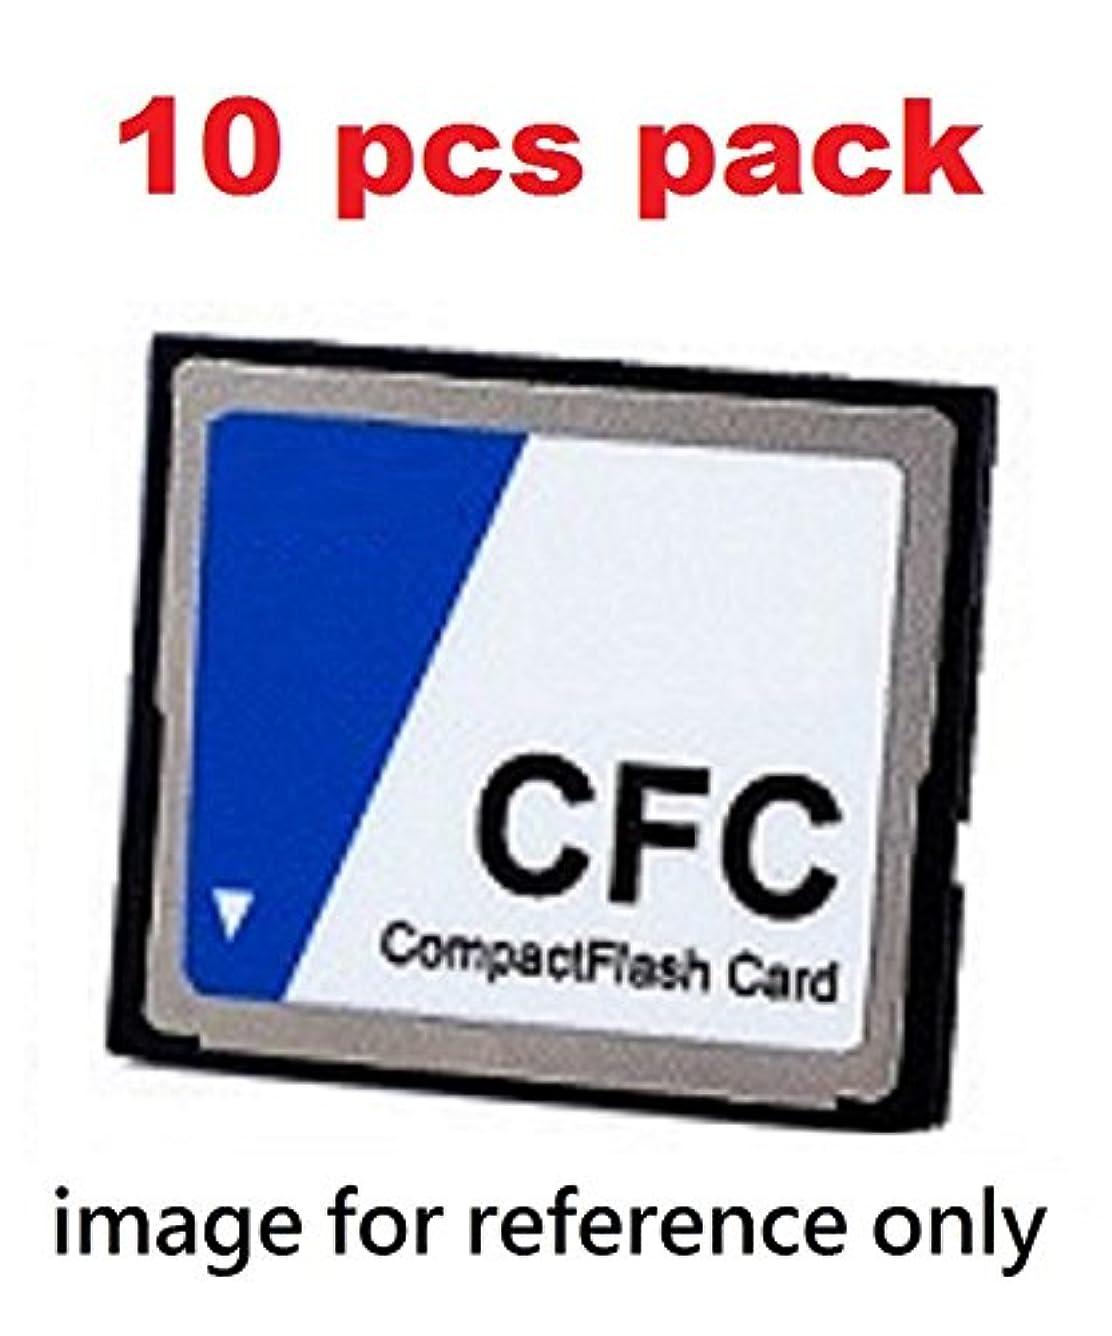 目的熟達メタリックIndustrial Micro SD、p-slc、16?GB、拡張Wide温度、10個パック